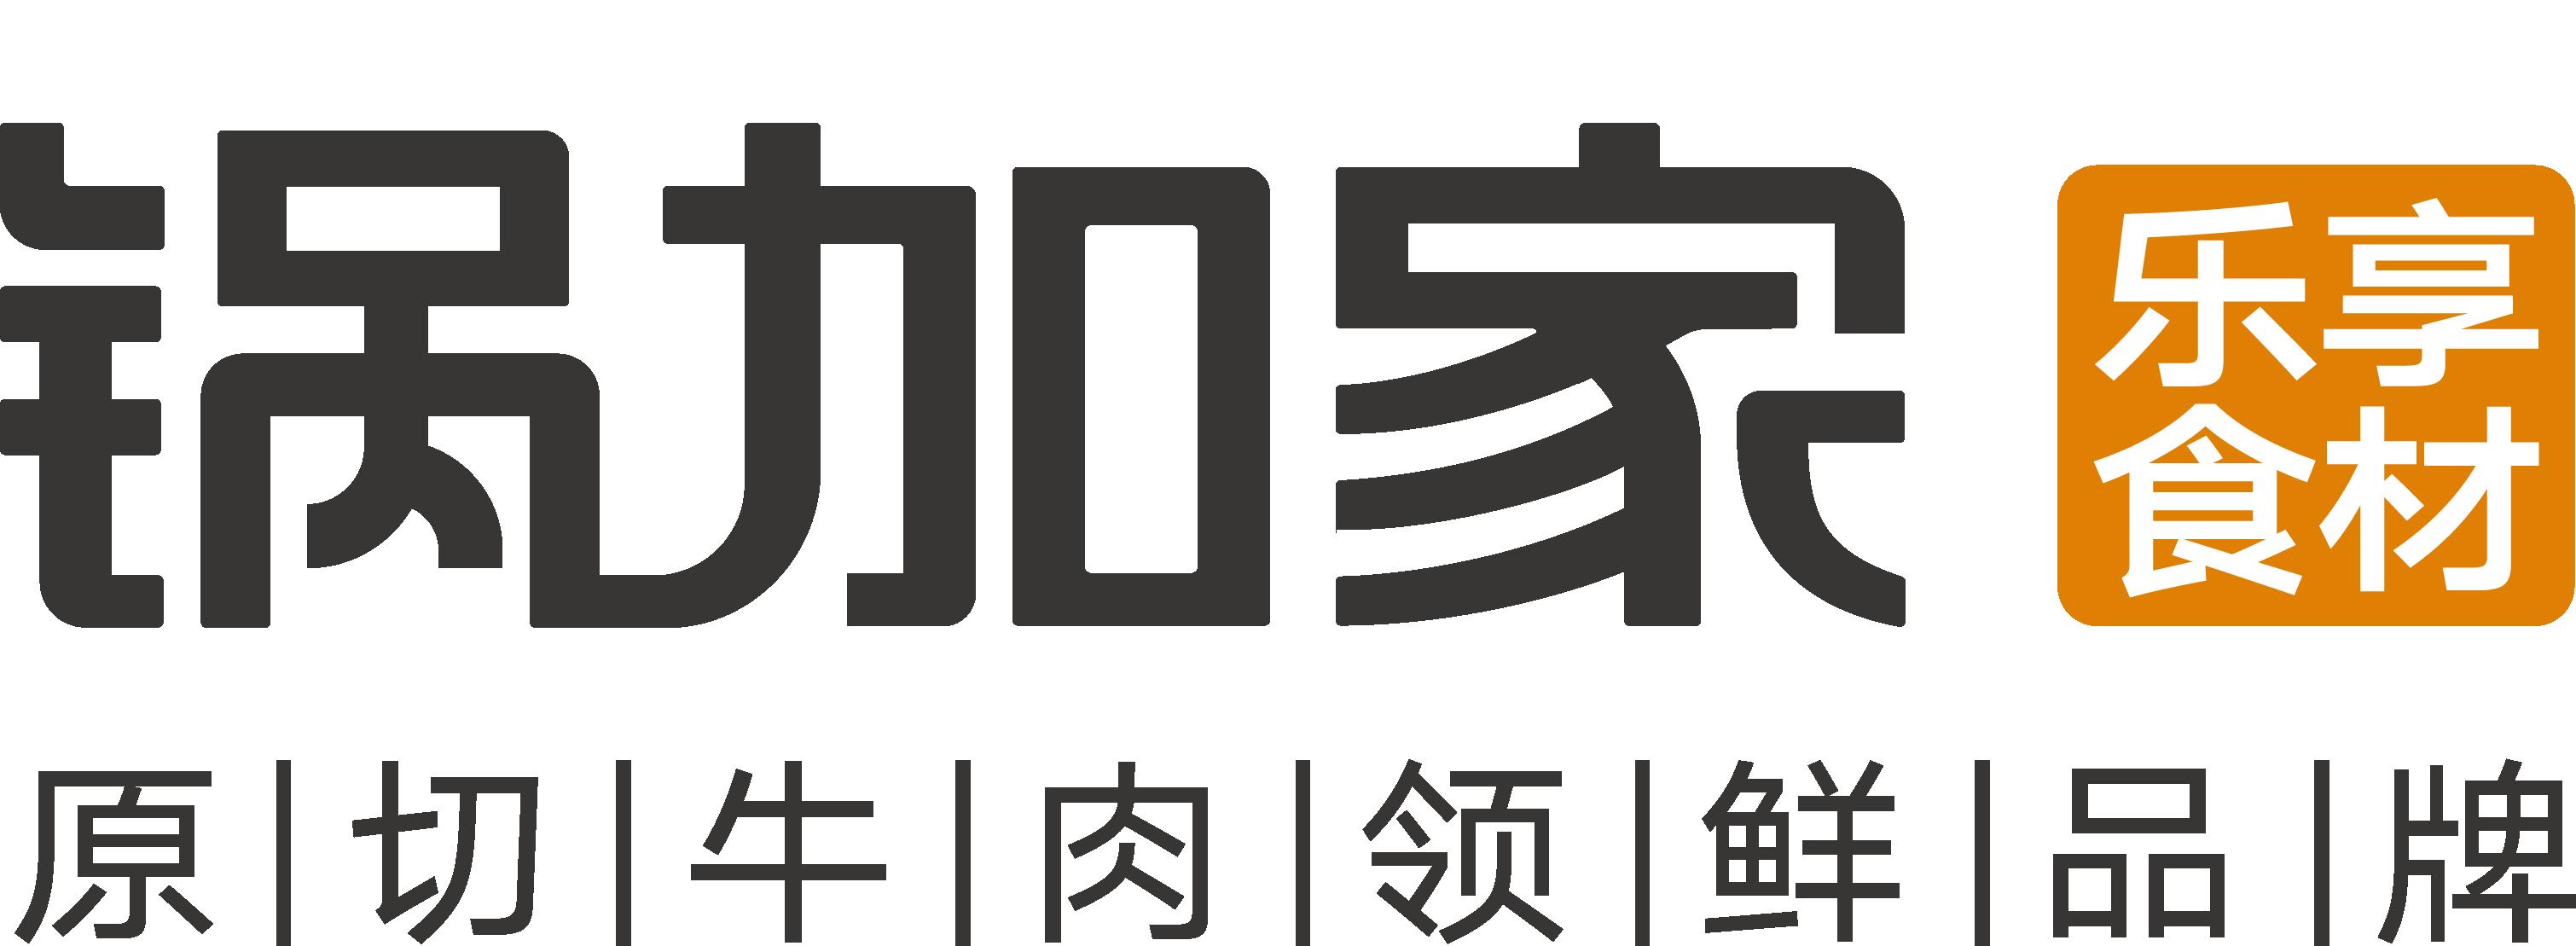 上海锅加家食品销售管理nba山猫直播在线观看